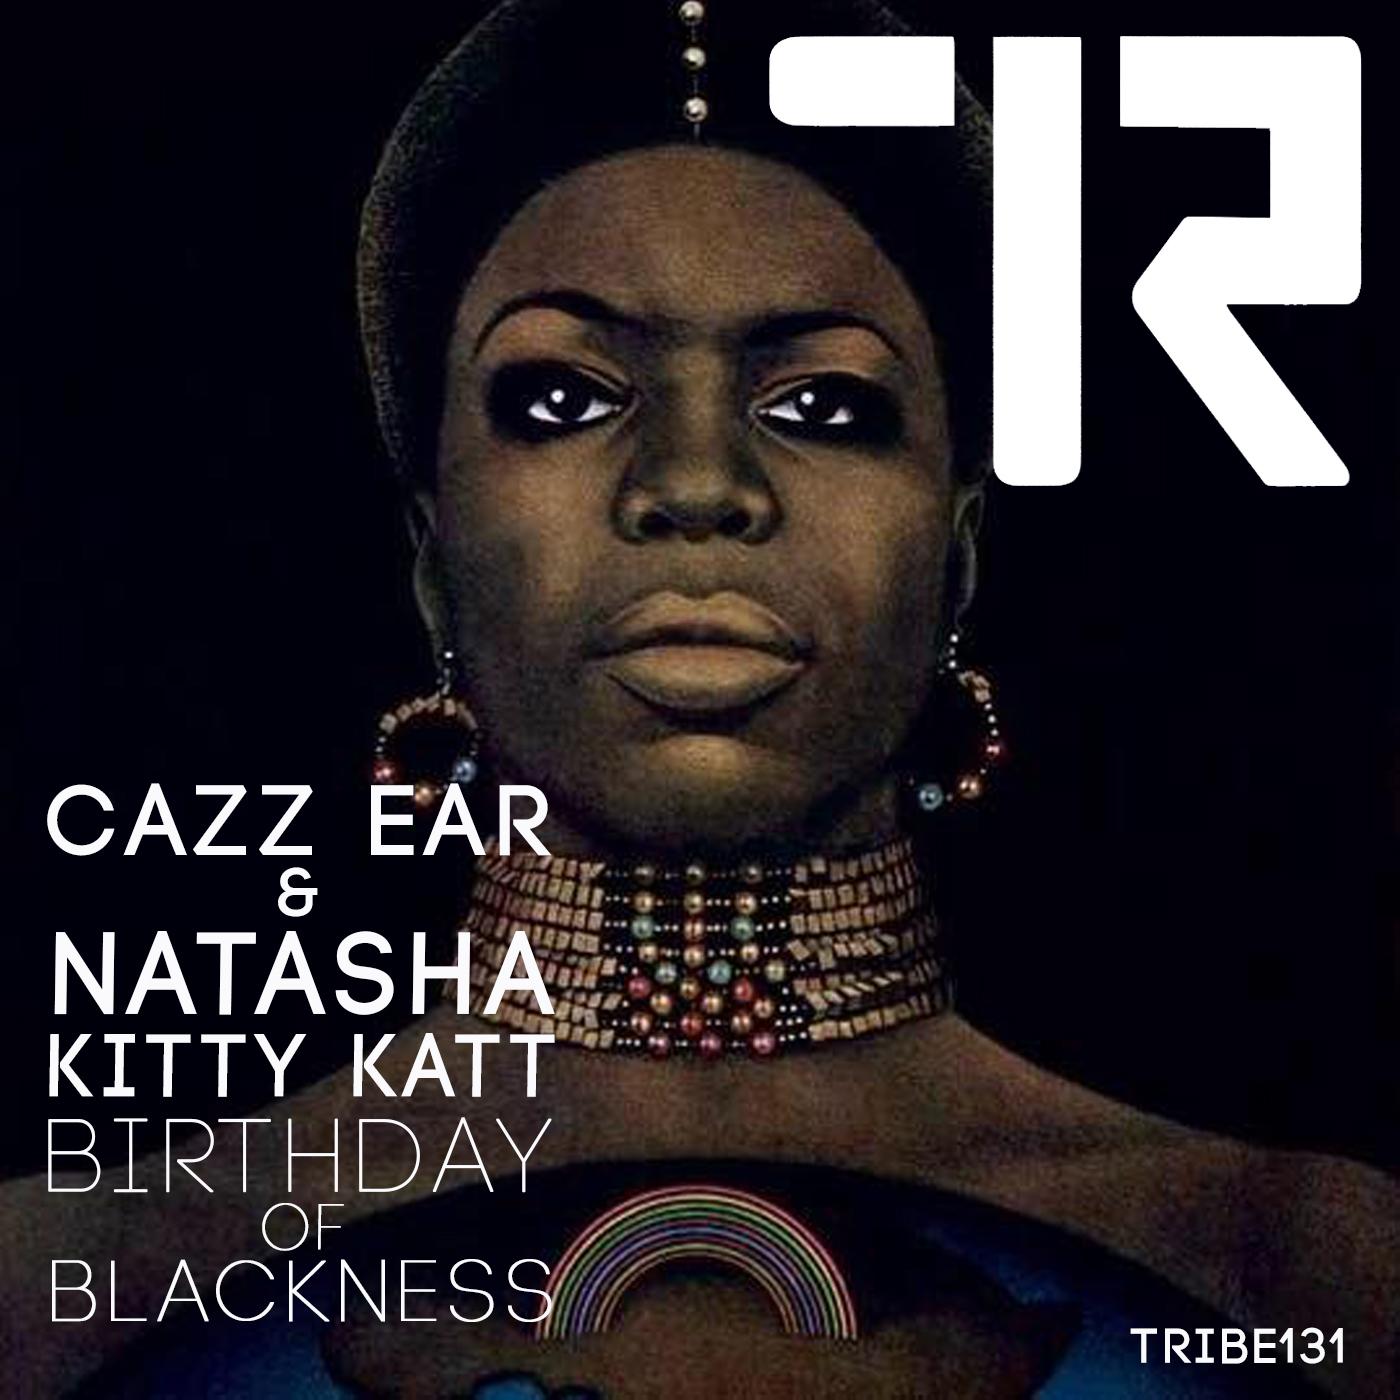 BIRTHDAY OF BLACKNESS CAZZ EAR & NATASHA KITTY KATT